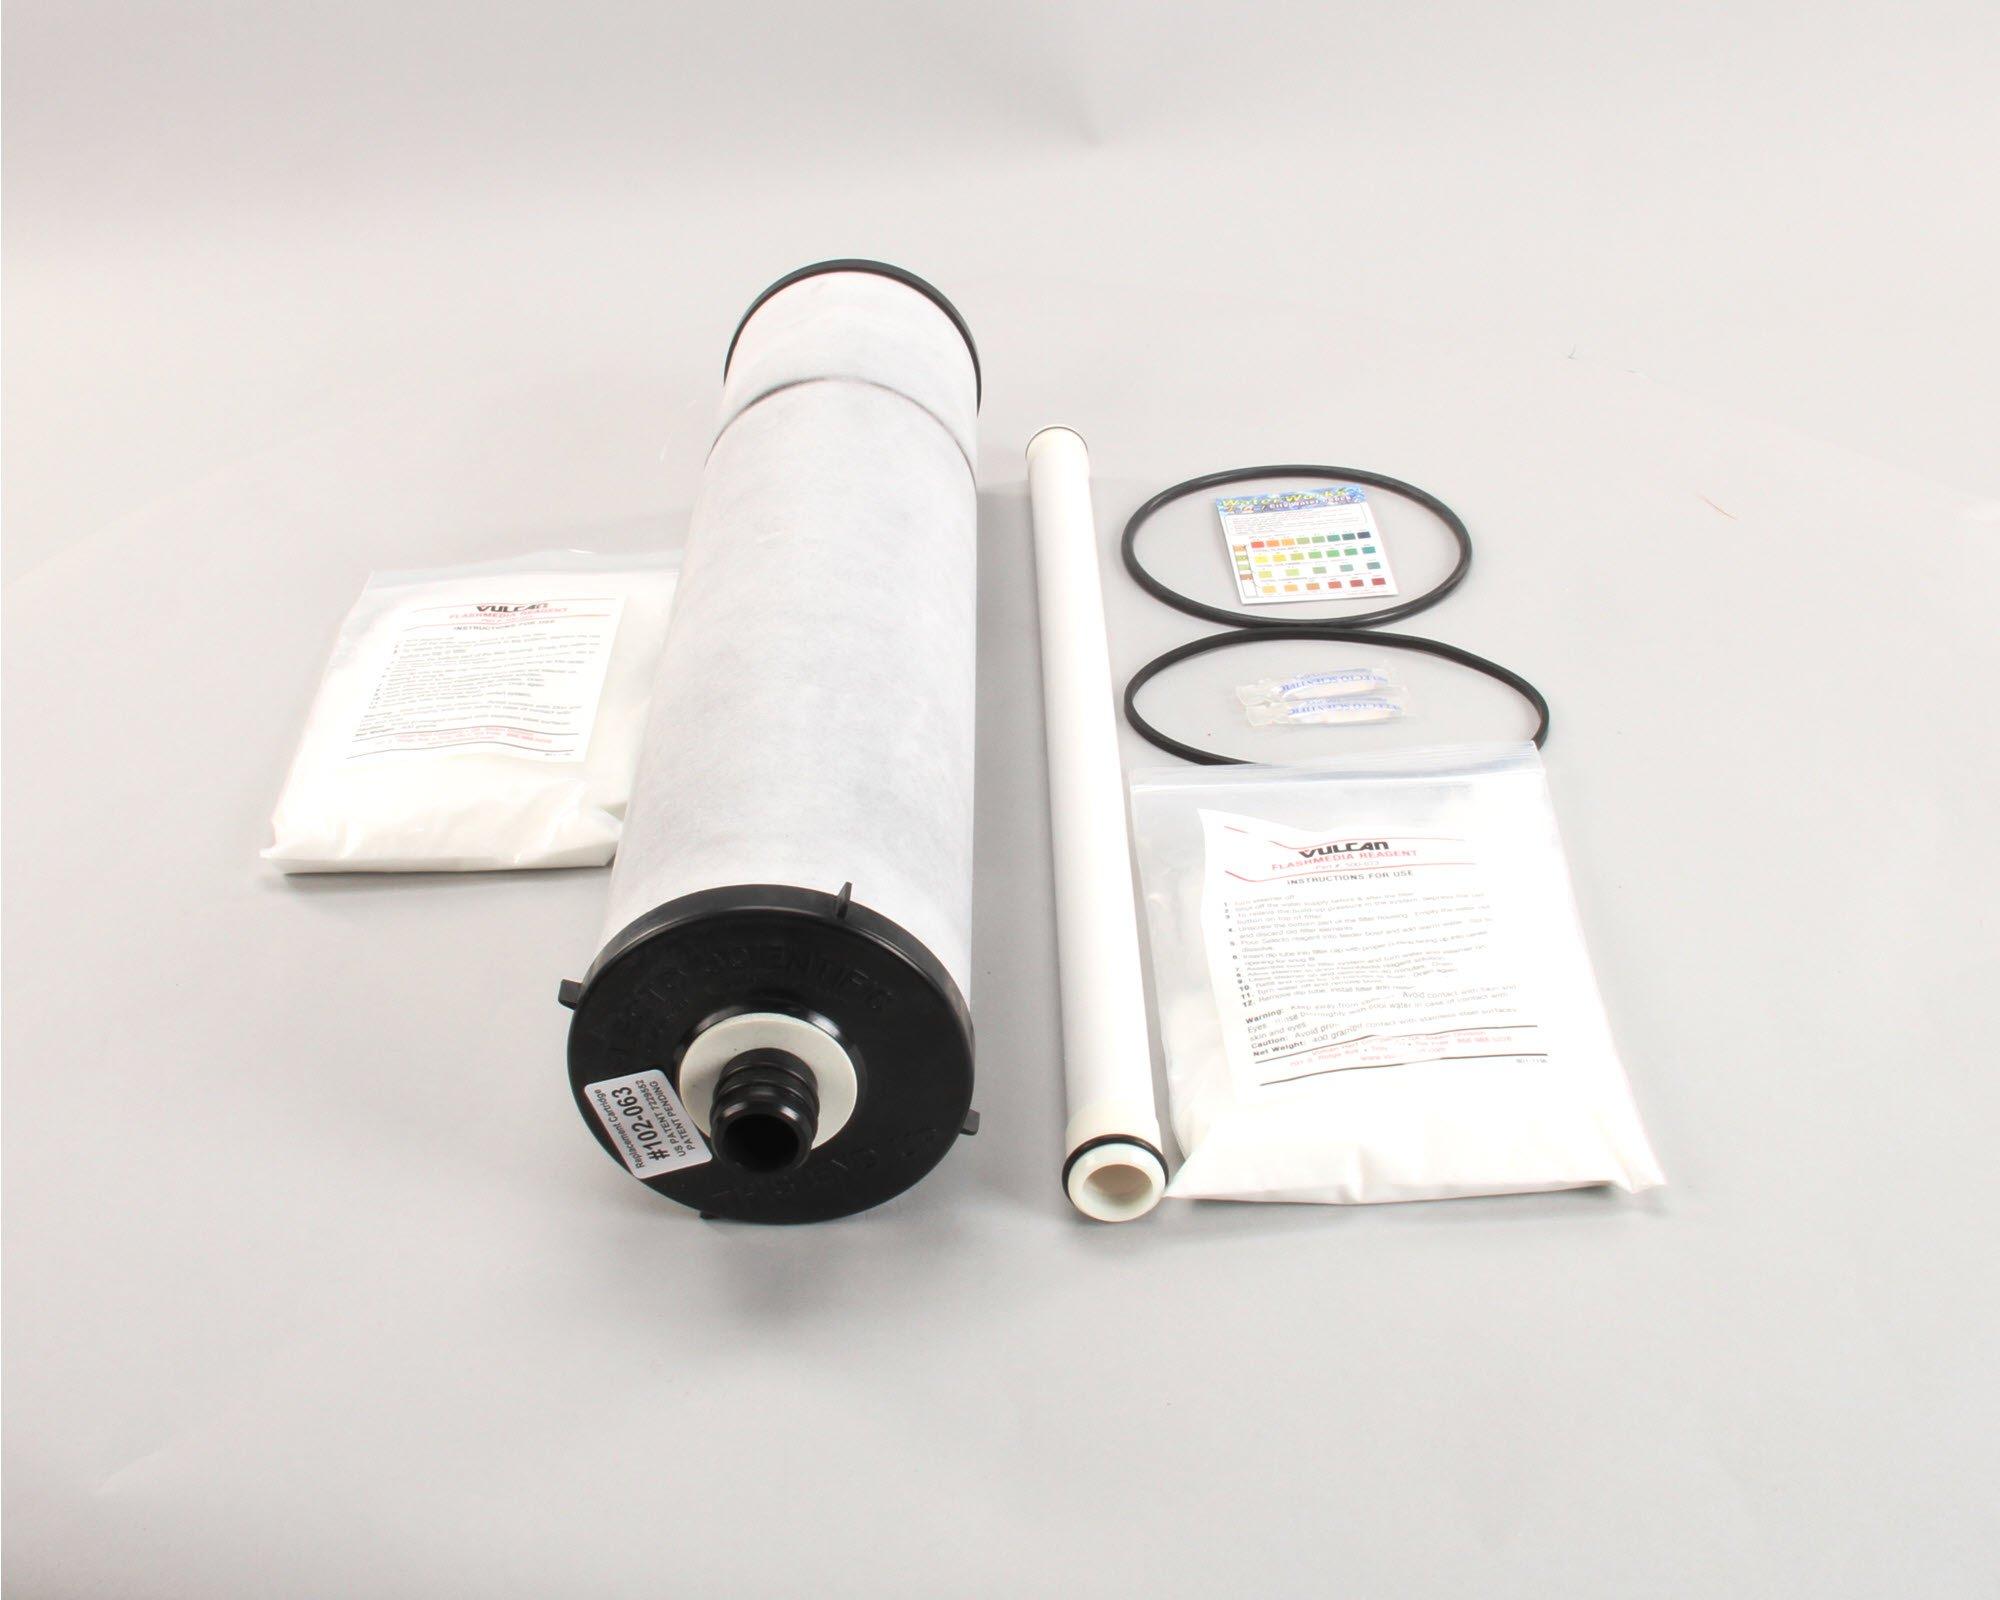 Vulcan Hart 00-854306-00013 Replacement Filter Kit for Model Sps620V